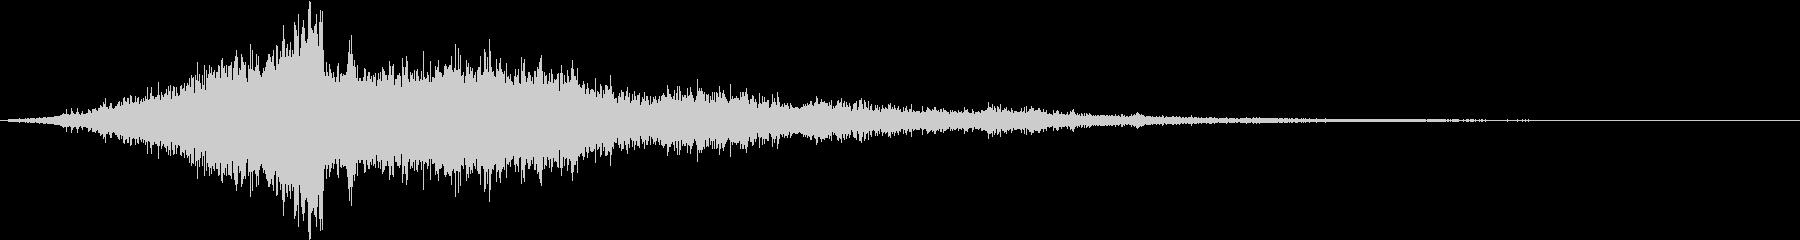 映画・映像用サウンドロゴ (FX)_02の未再生の波形